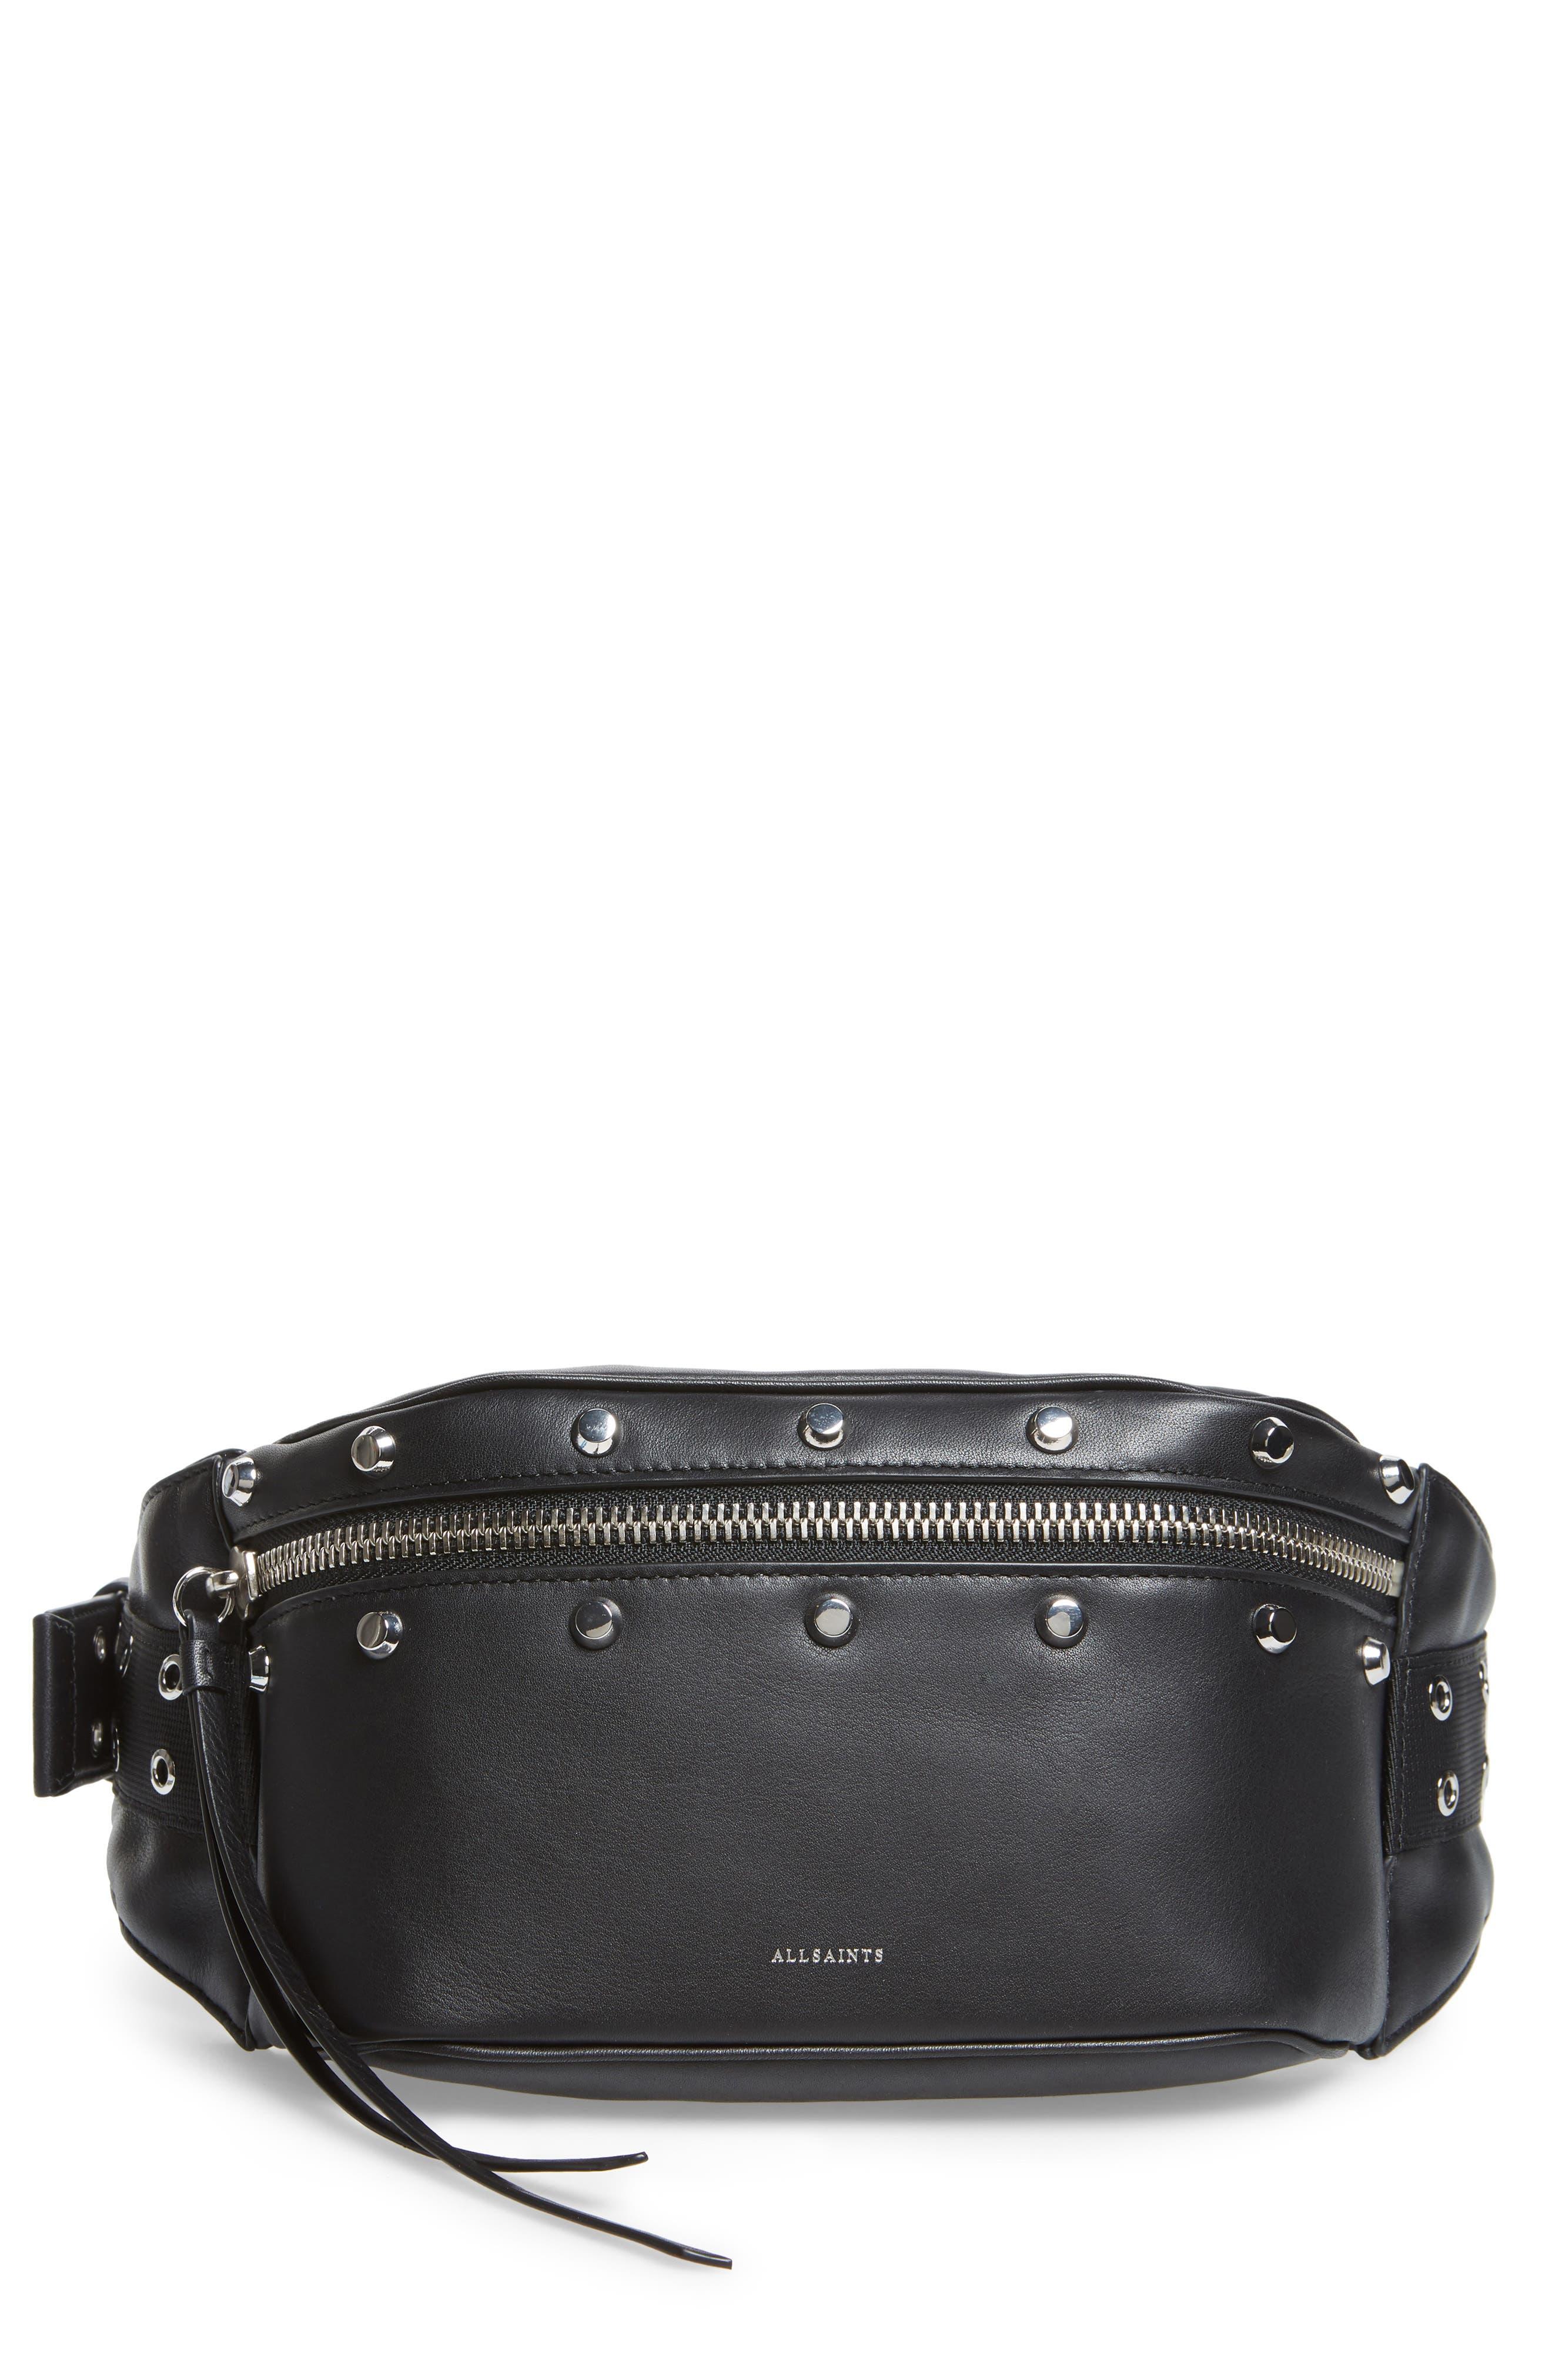 ALLSAINTS Studded Leather Belt Bag, Main, color, 001